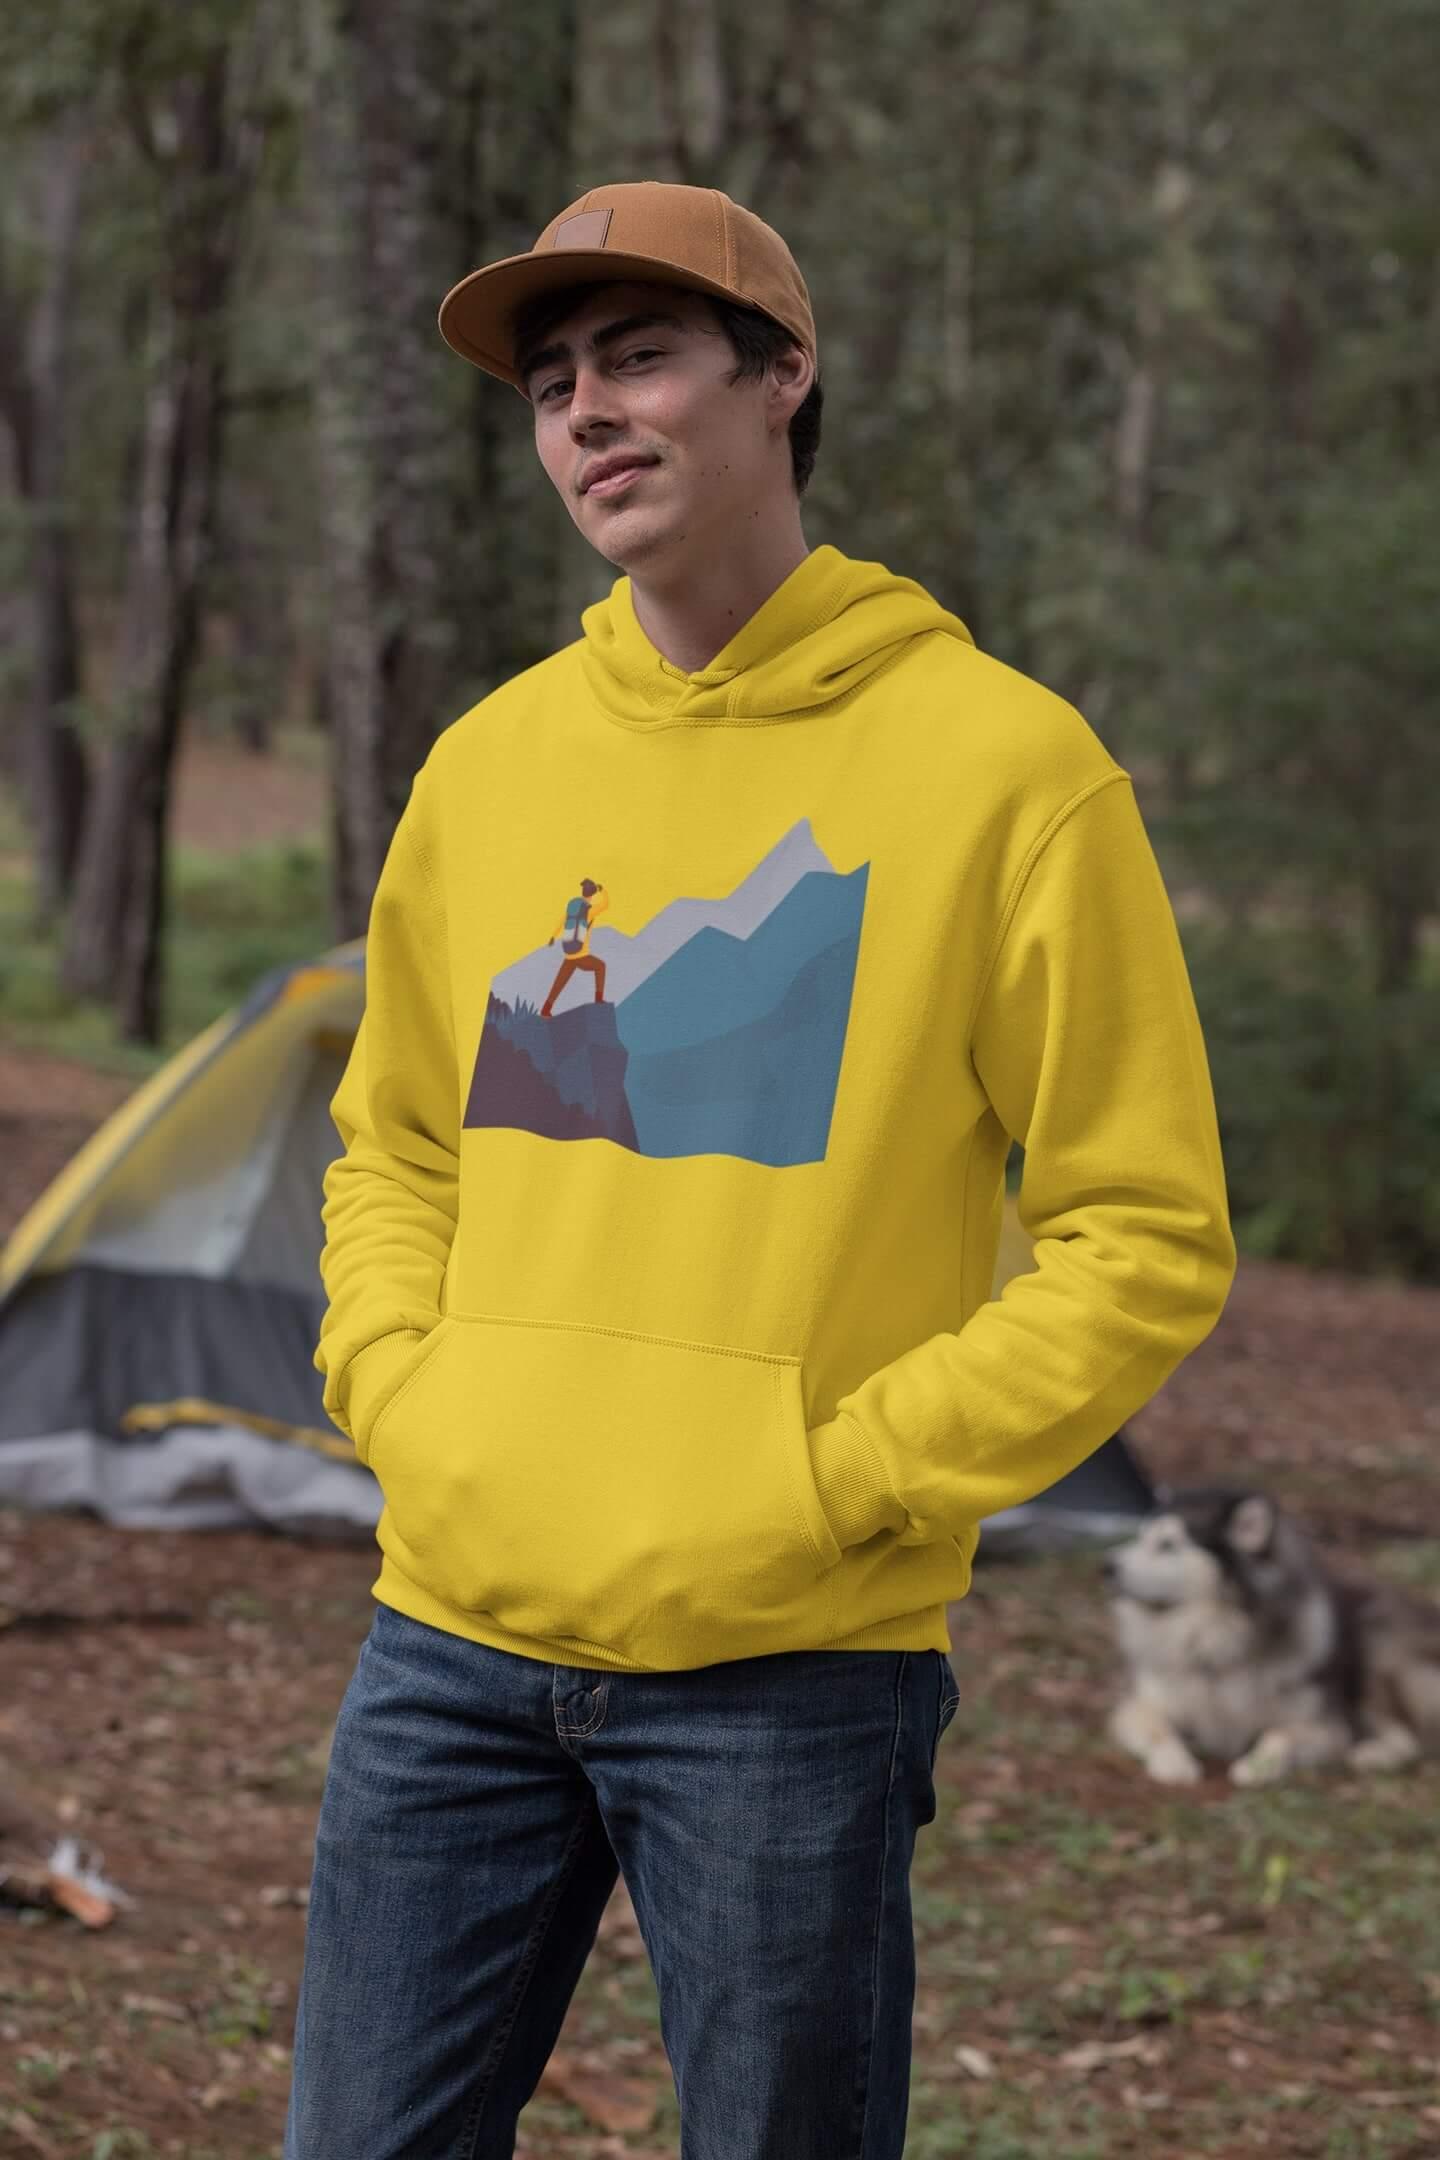 MMO Pánska mikina s kapucňou adventure Vyberte farbu: Žltá, Vyberte veľkosť: XL